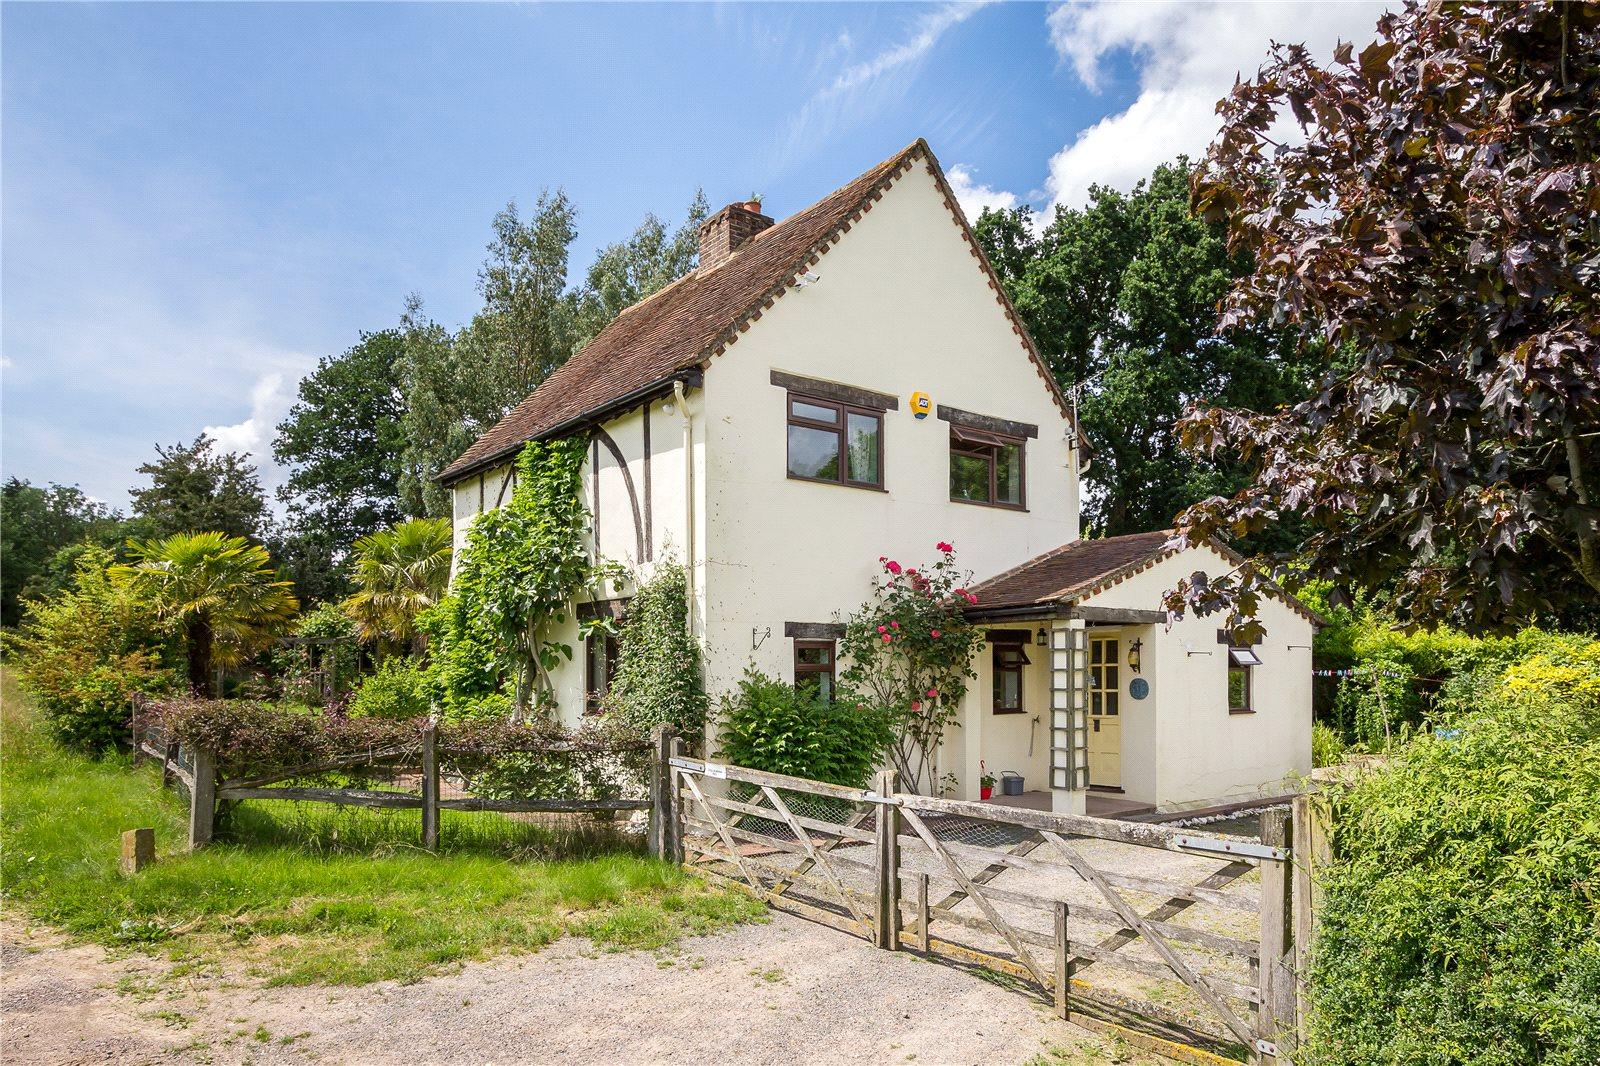 一戸建て のために 売買 アット Wanborough, Guildford, Surrey, GU3 Guildford, イギリス